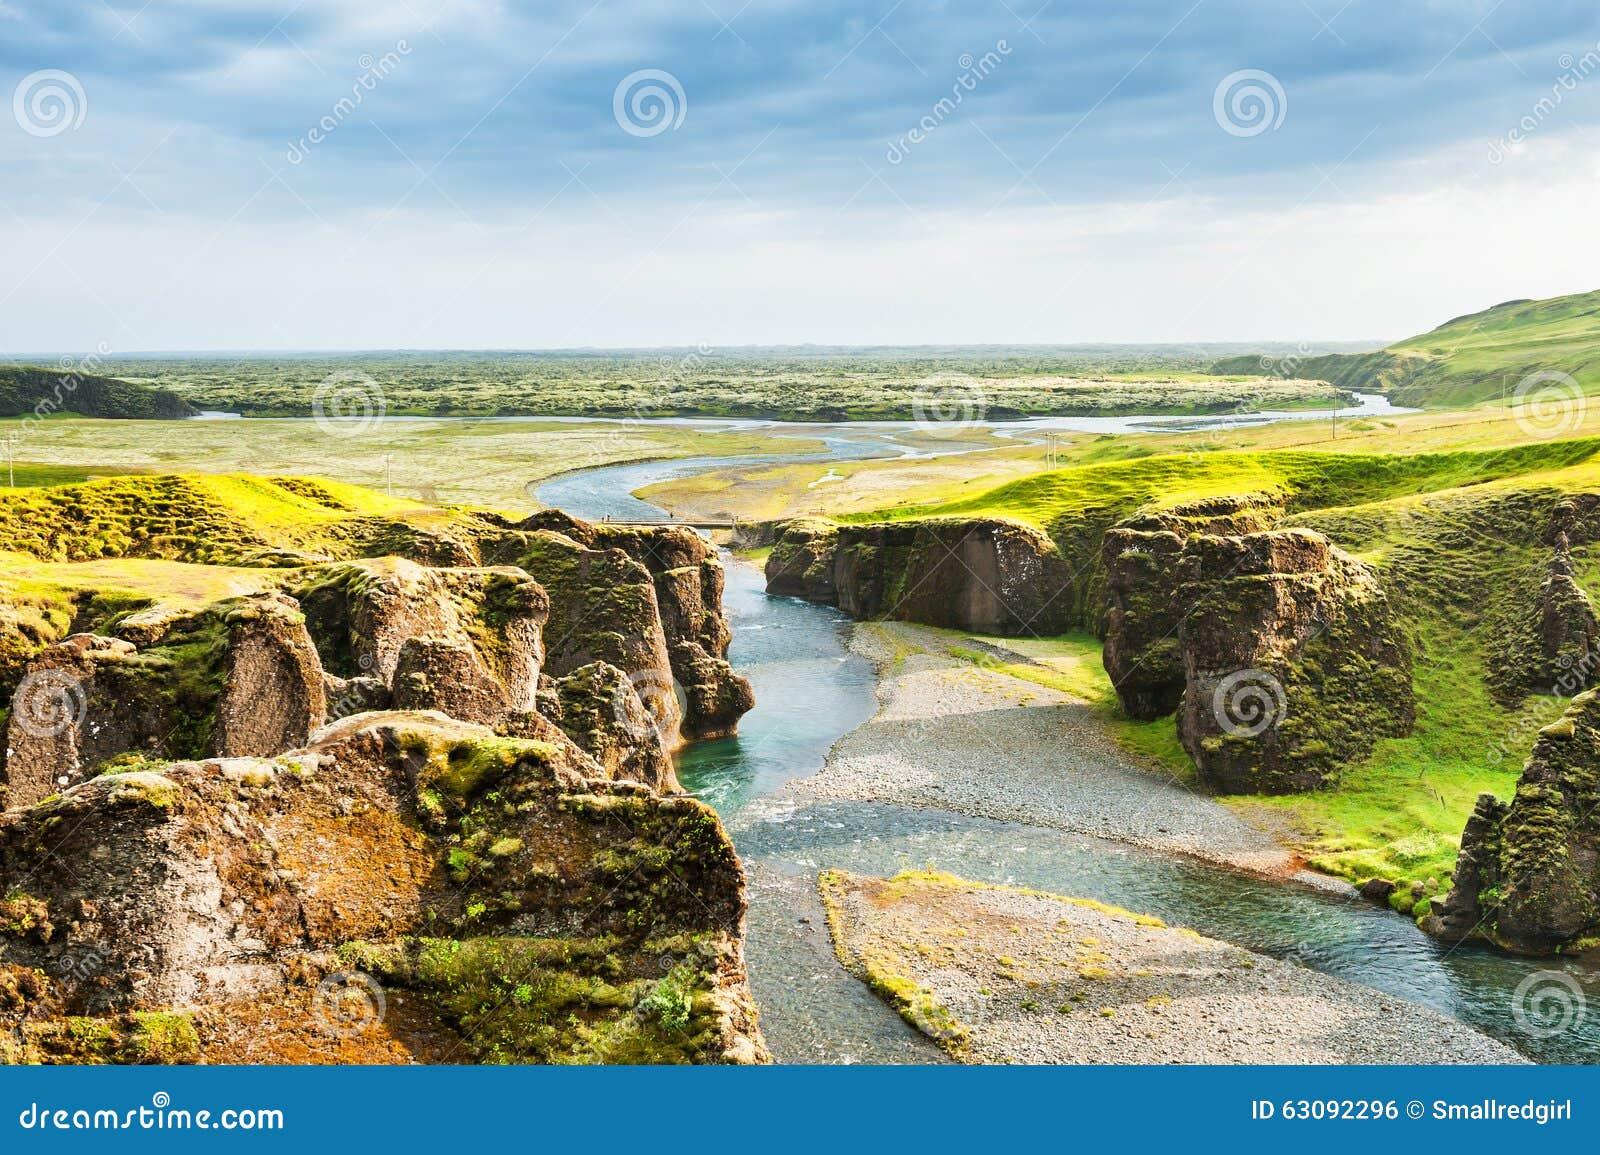 Download Beau Canyon De Fjadrargljufur Avec La Rivière Et Les Grandes Roches Photo stock - Image du emplacement, nature: 63092296